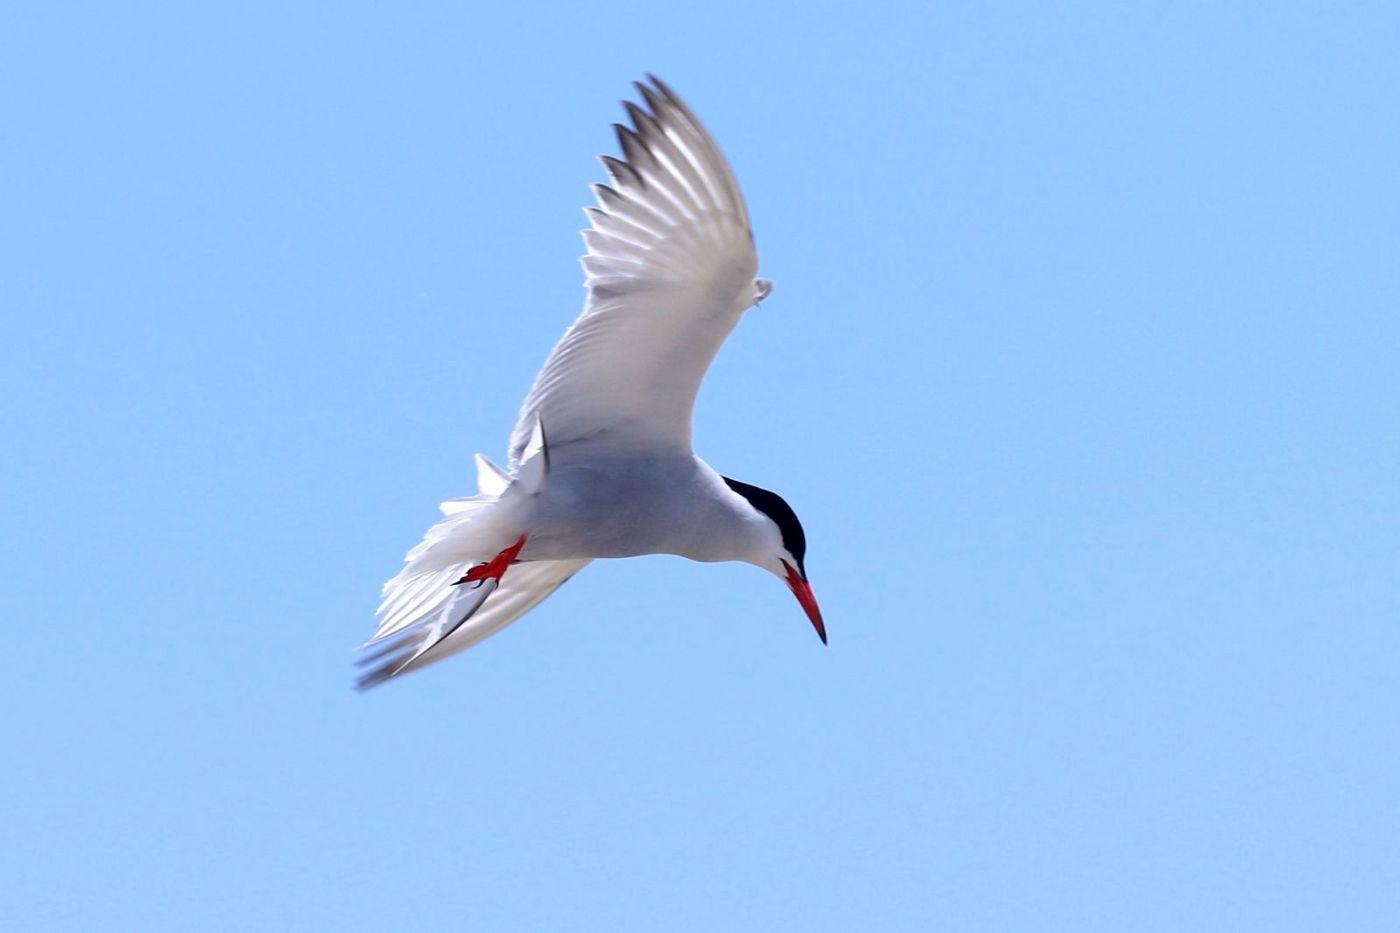 洛克威海滩拍鸟-燕鸥_图1-7